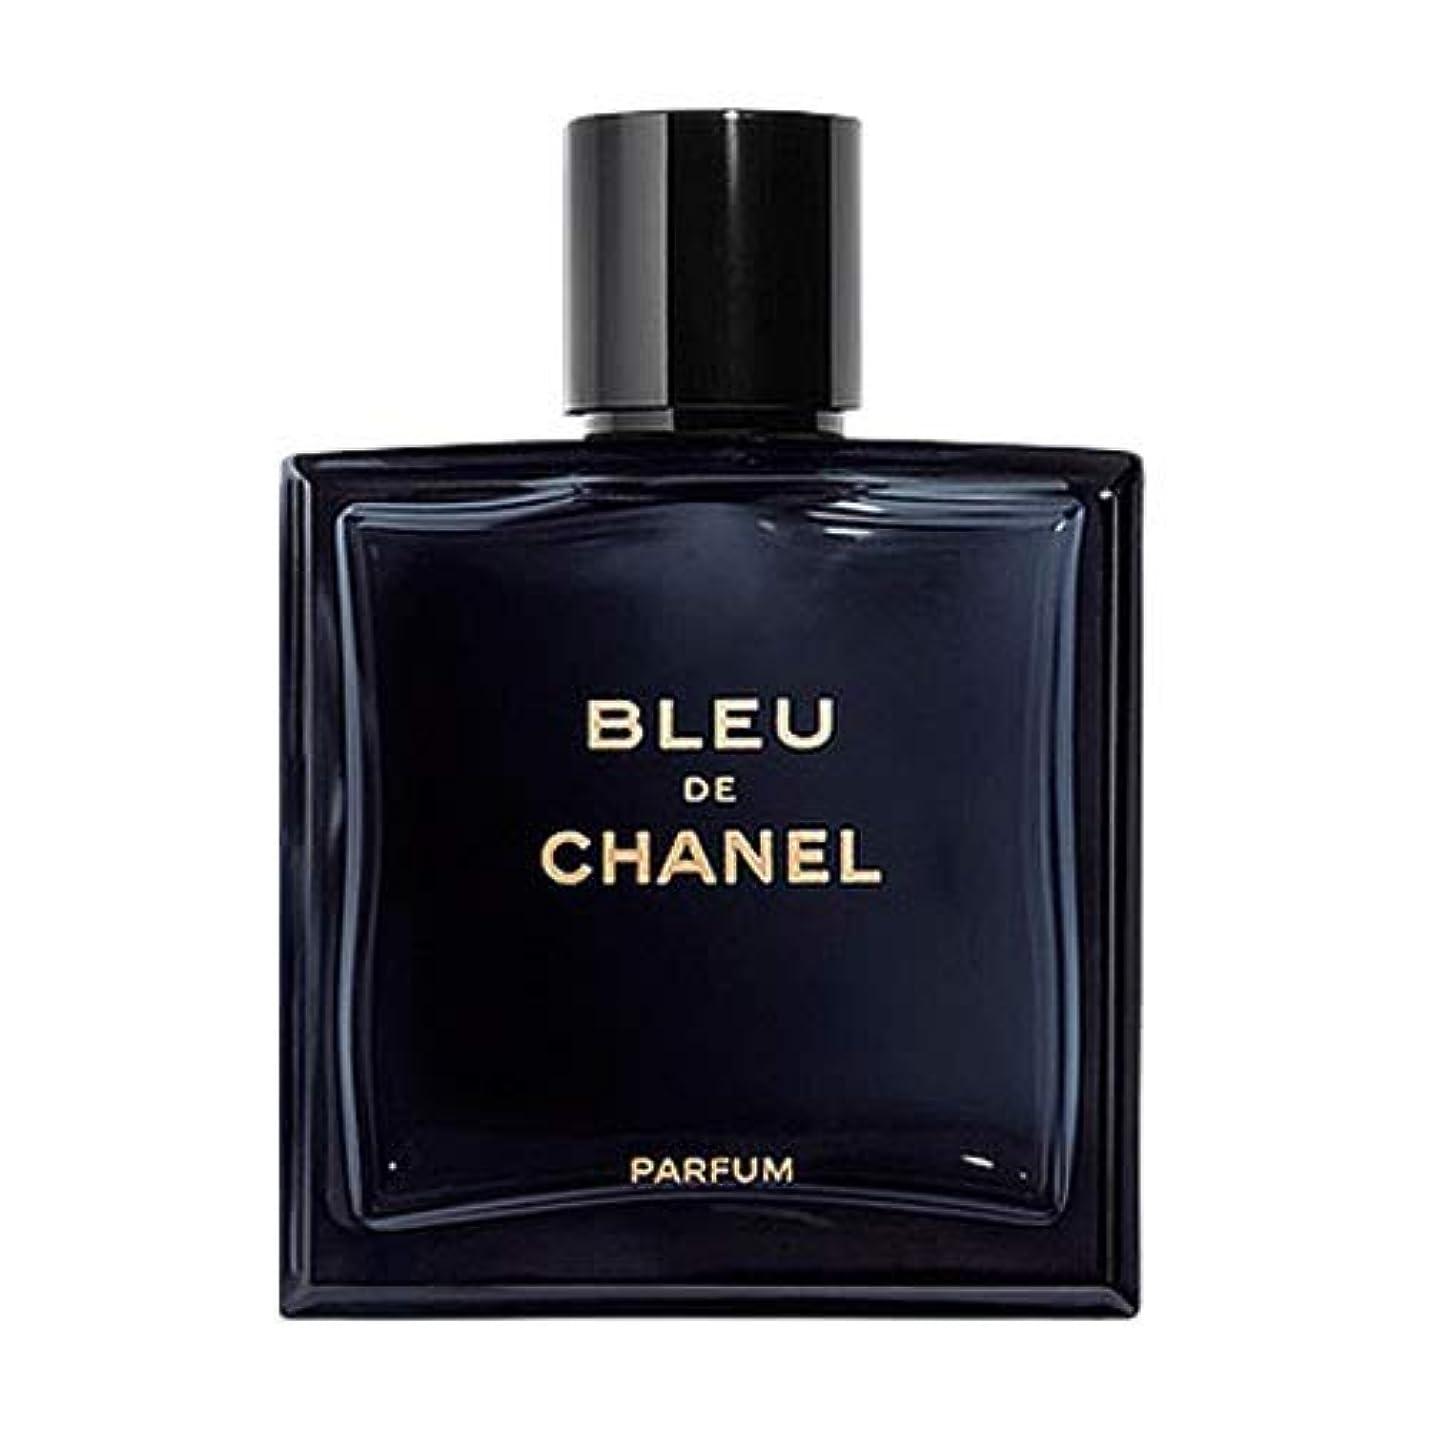 偏心提供されたキリンシャネル CHANEL ブルー ドゥ シャネル パルファム 〔Parfum〕 50ml Pfm SP fs